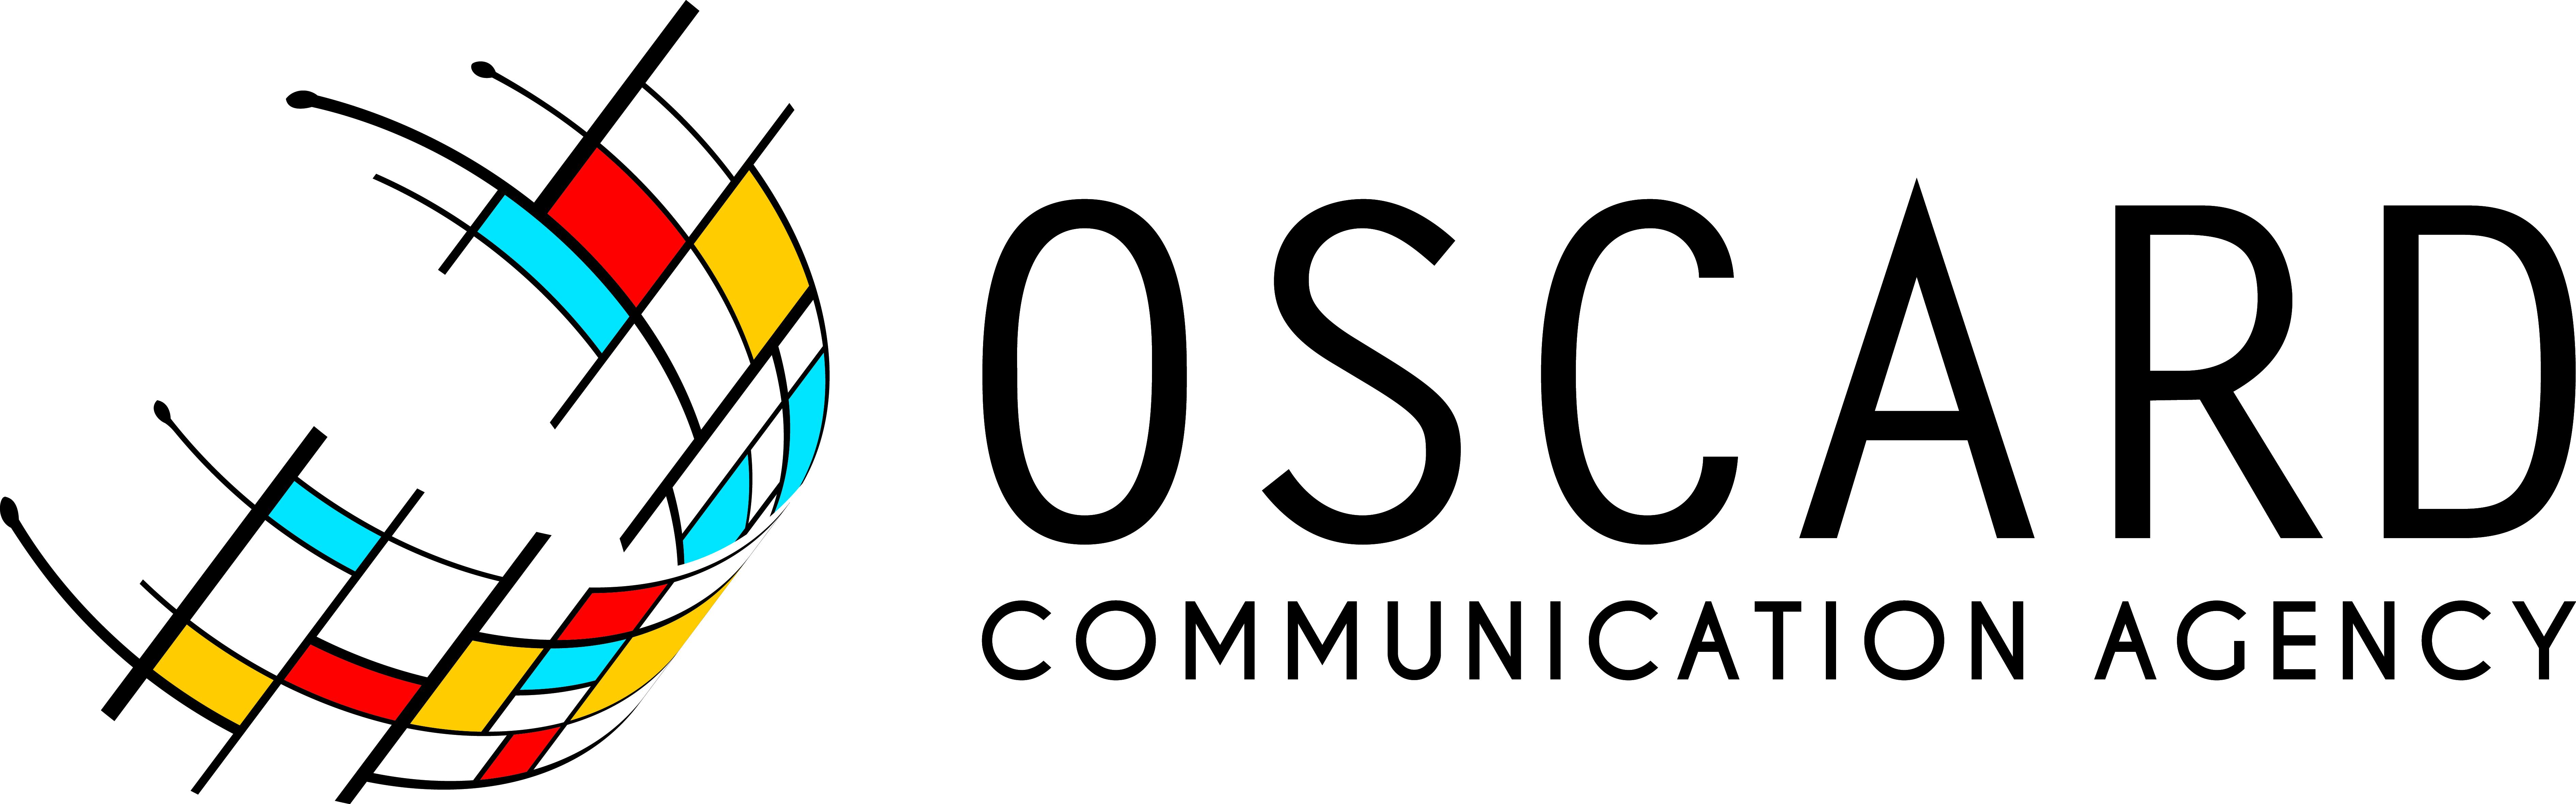 OSCARD Logo_Landscape _ Jpg.jpg